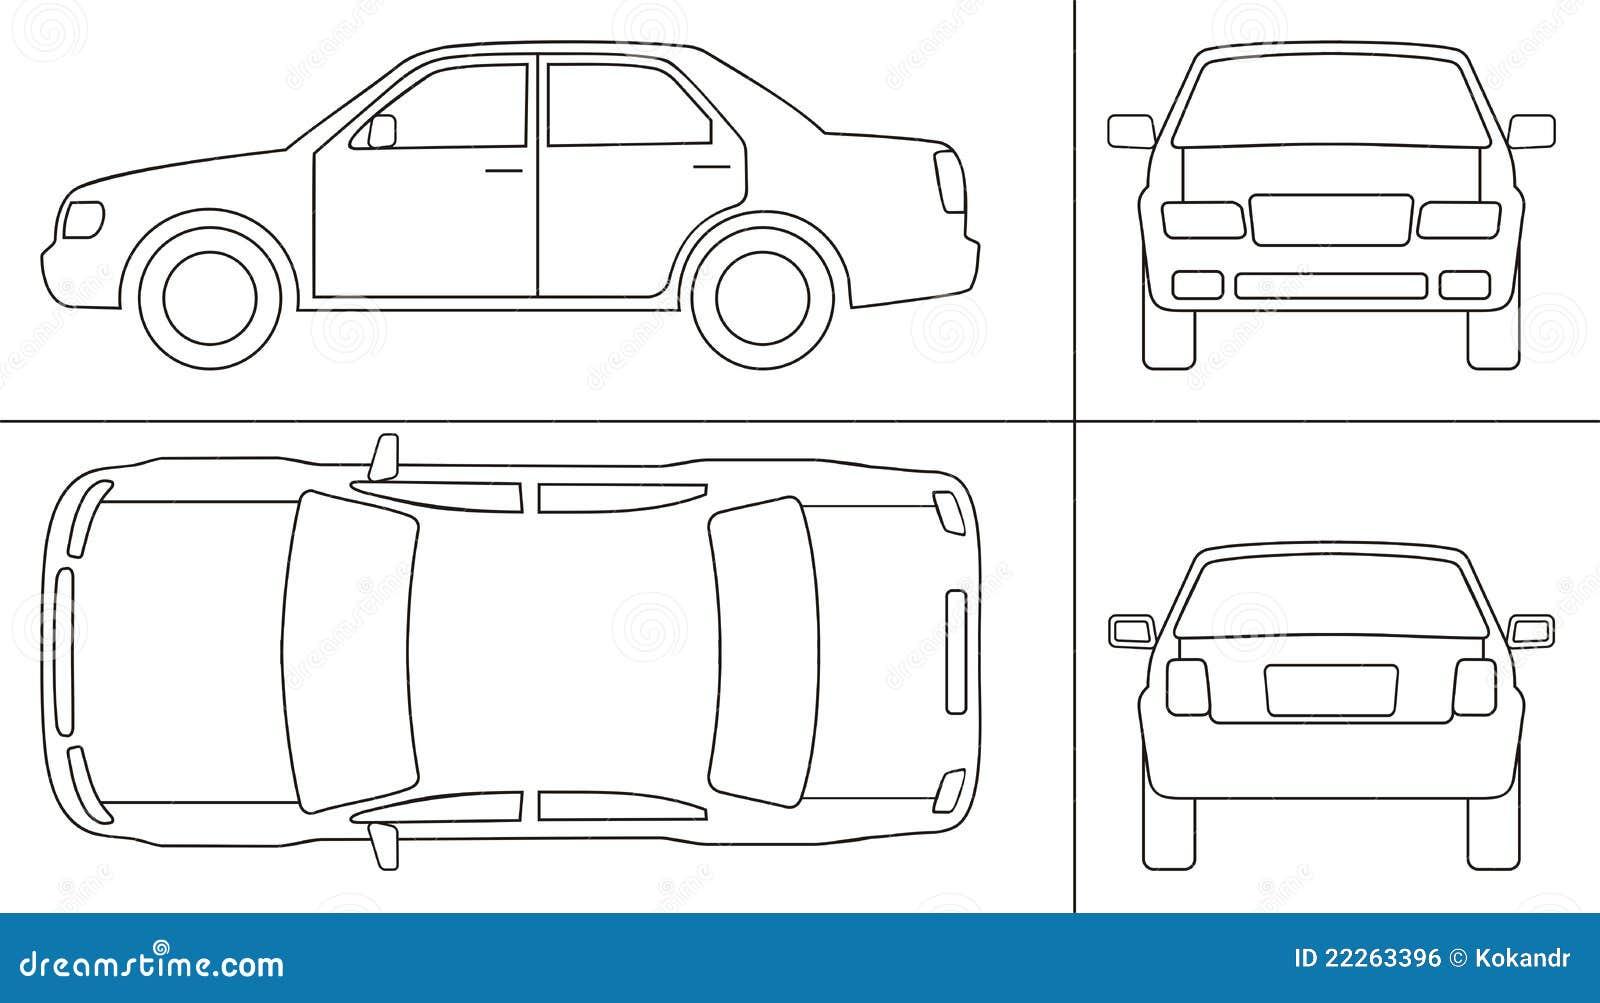 Keyline de voiture de tourisme illustration de vecteur - Voiture autocad ...